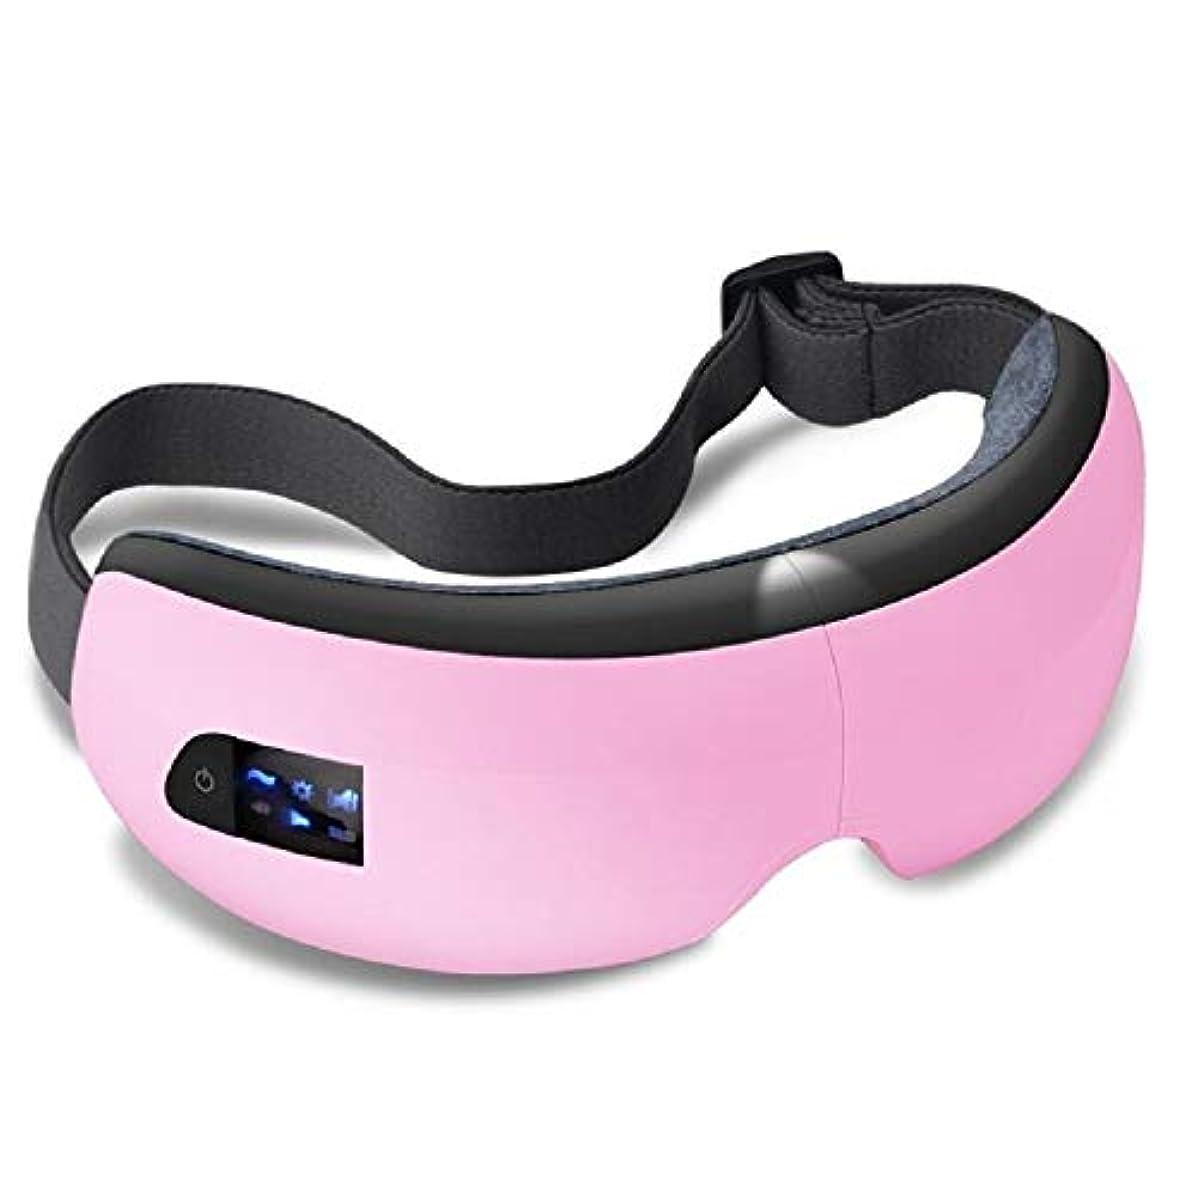 ありがたい勇気腹Meet now ホットプレス充電式アイマッサージャー付きのスタイリッシュなワイヤレスインテリジェント電気アイプロテクター 品質保証 (Color : Pink)